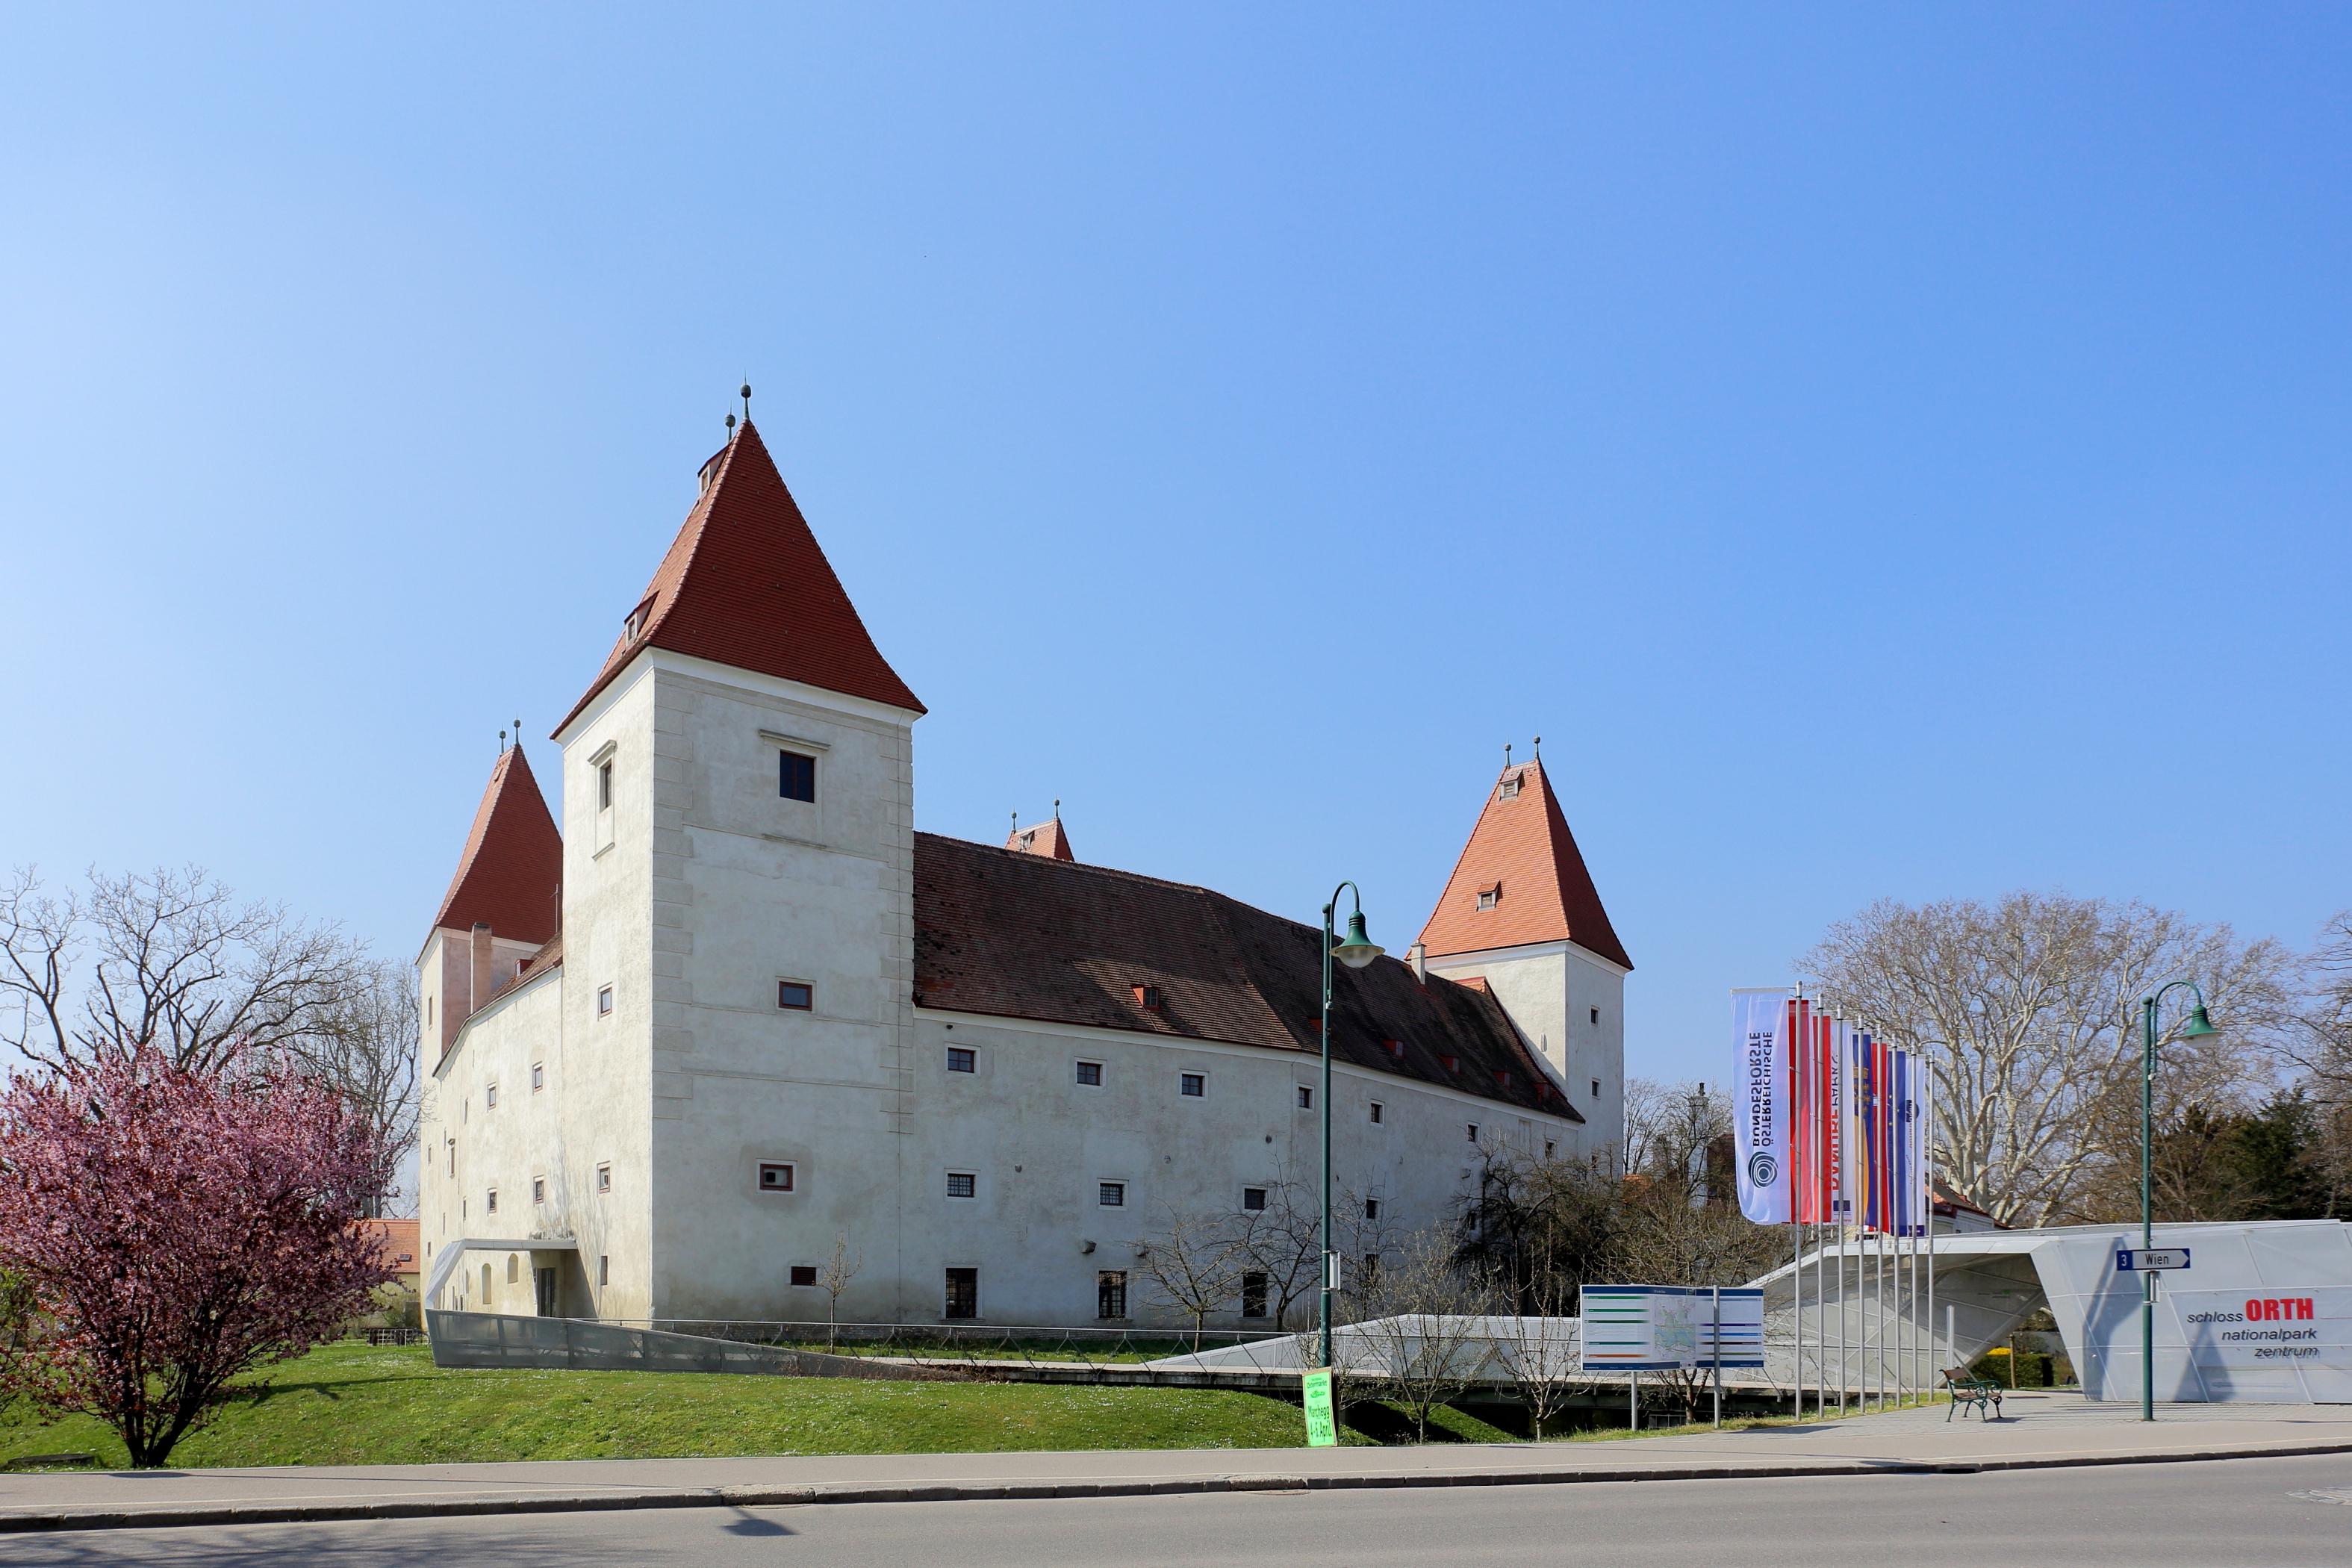 Orth An Der Donau